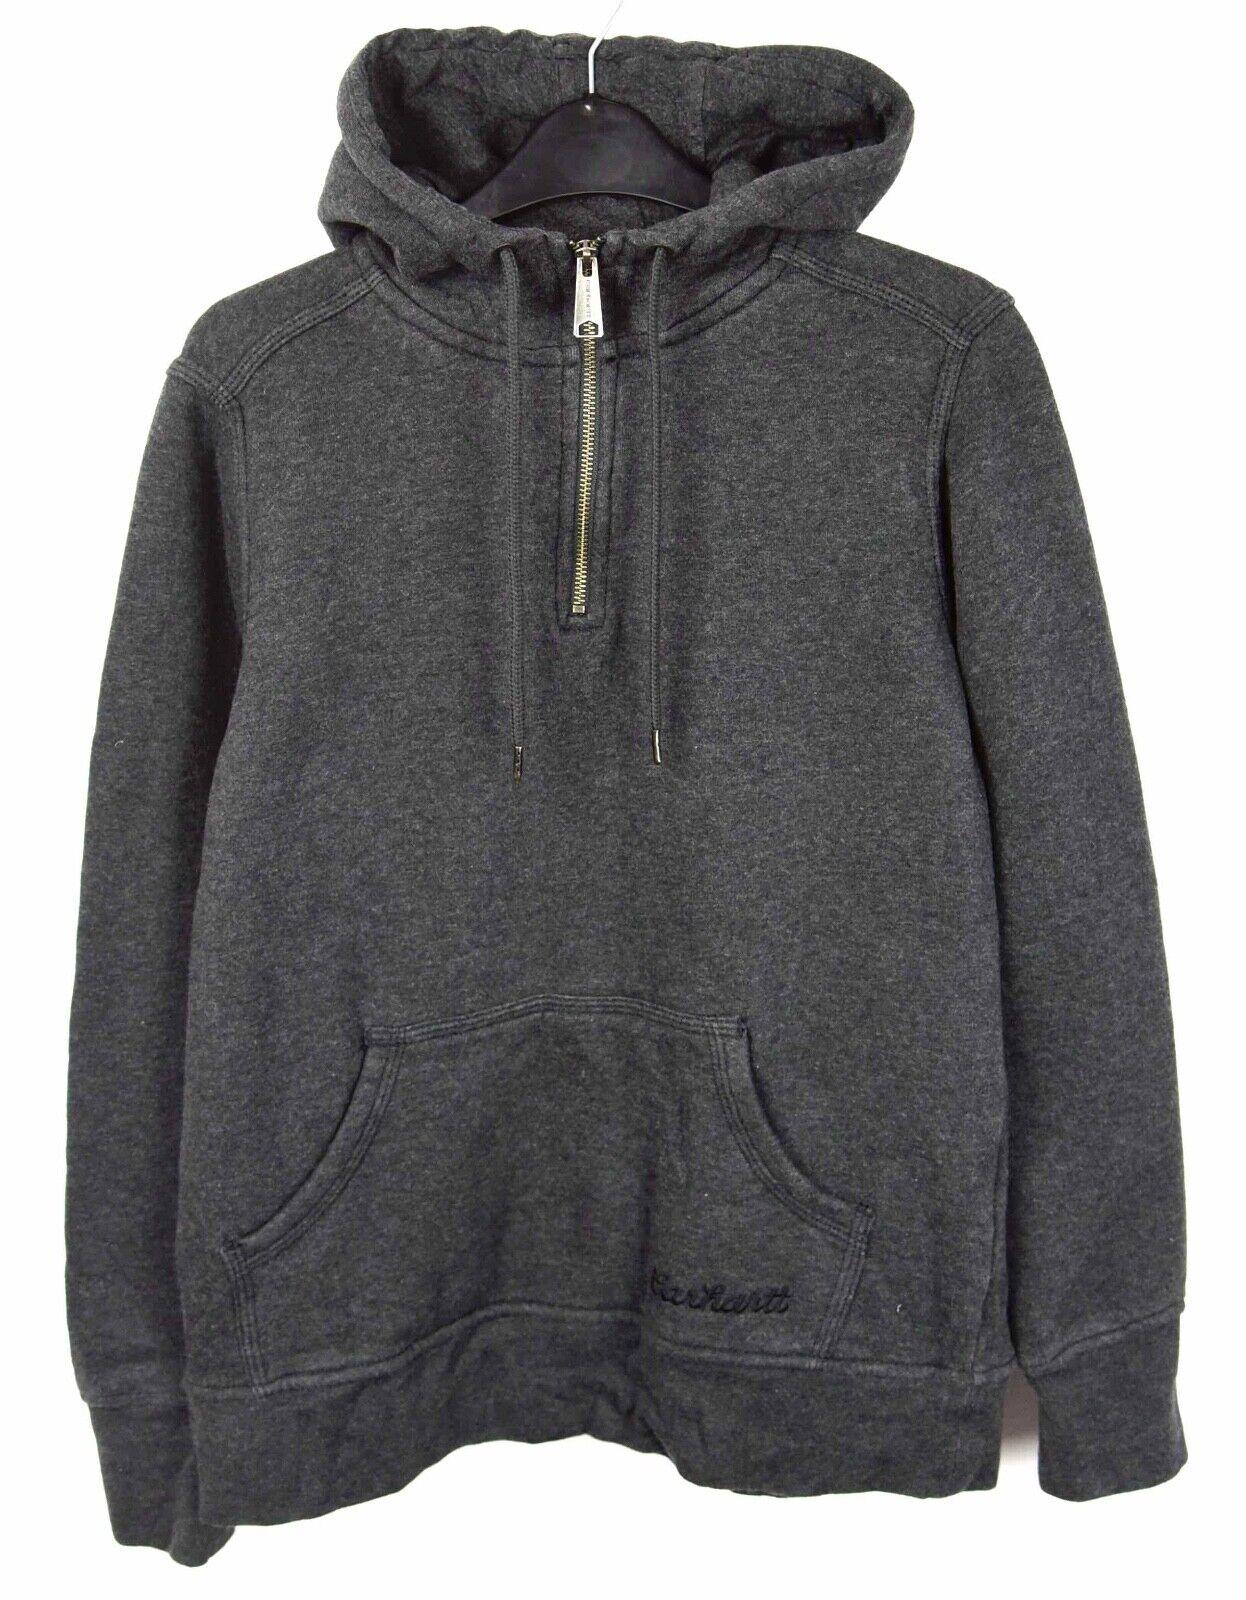 Carhartt Damen S Kapuzenpullover Pullover Sweatshirt Grau Reißverschluss RA25h